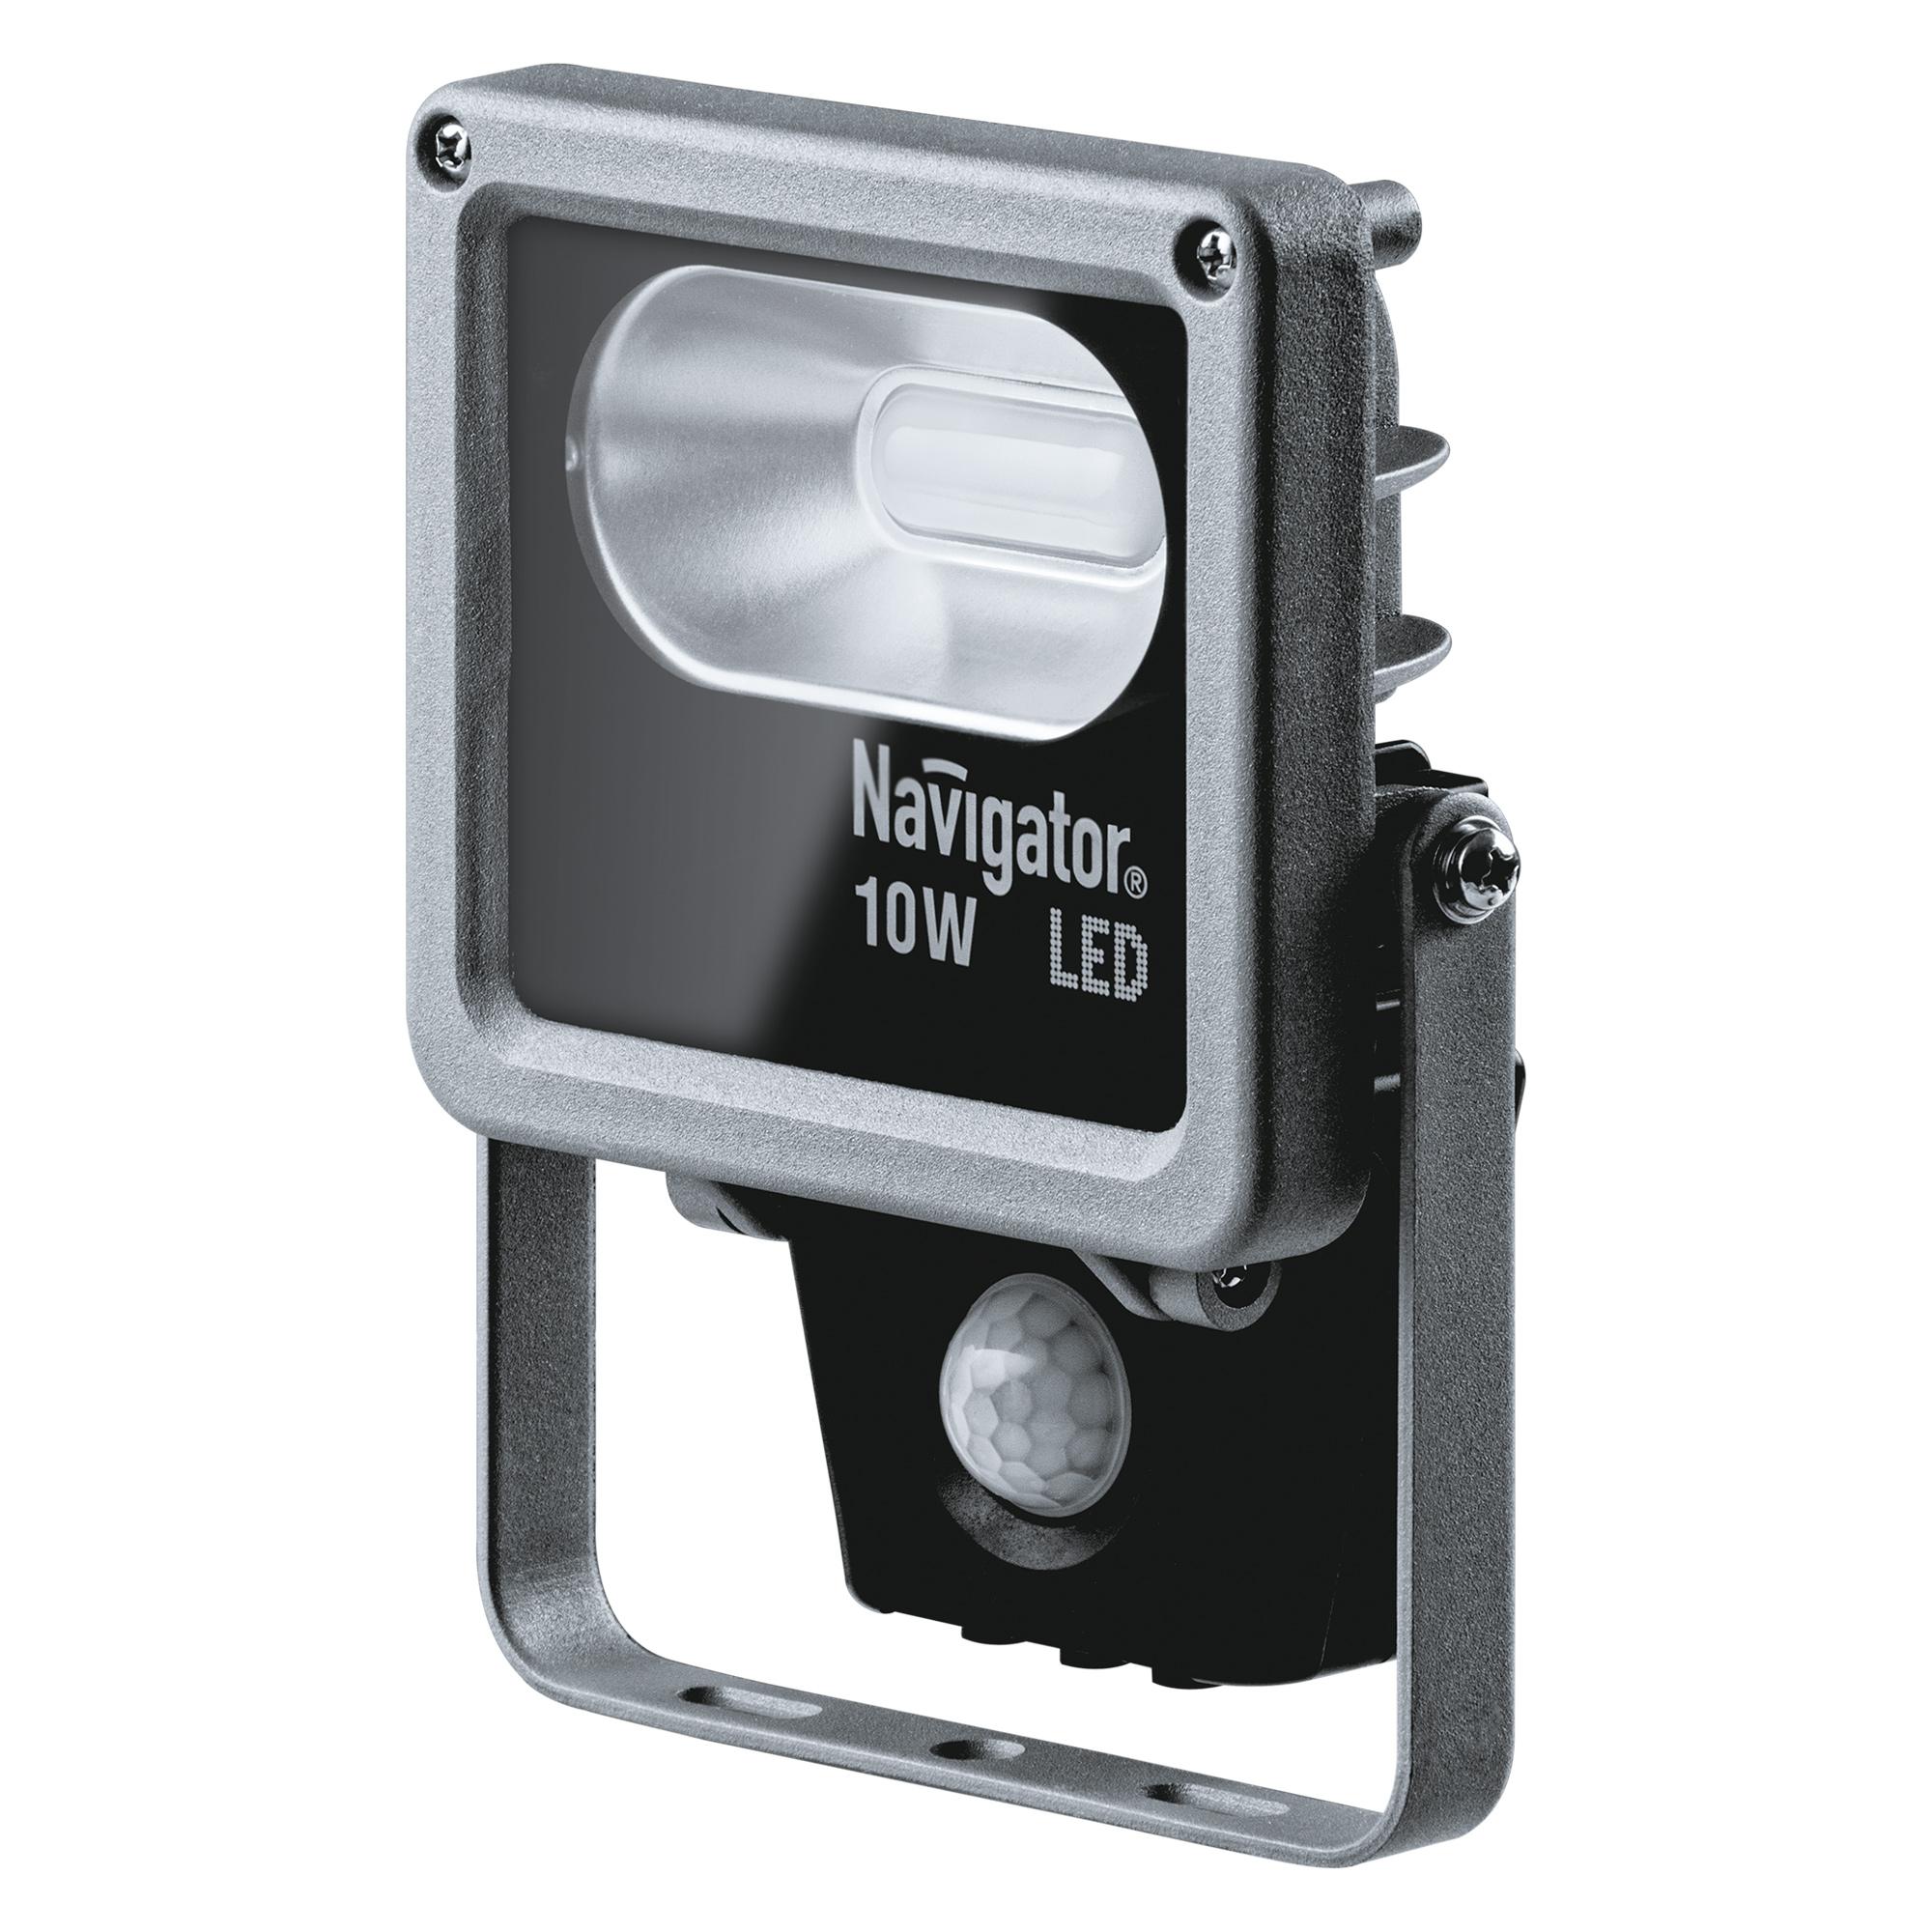 Купить Прожектор светодиодный с датчиком движения 10 Вт (холодный свет) Navigator (71320), прожектор, Китай